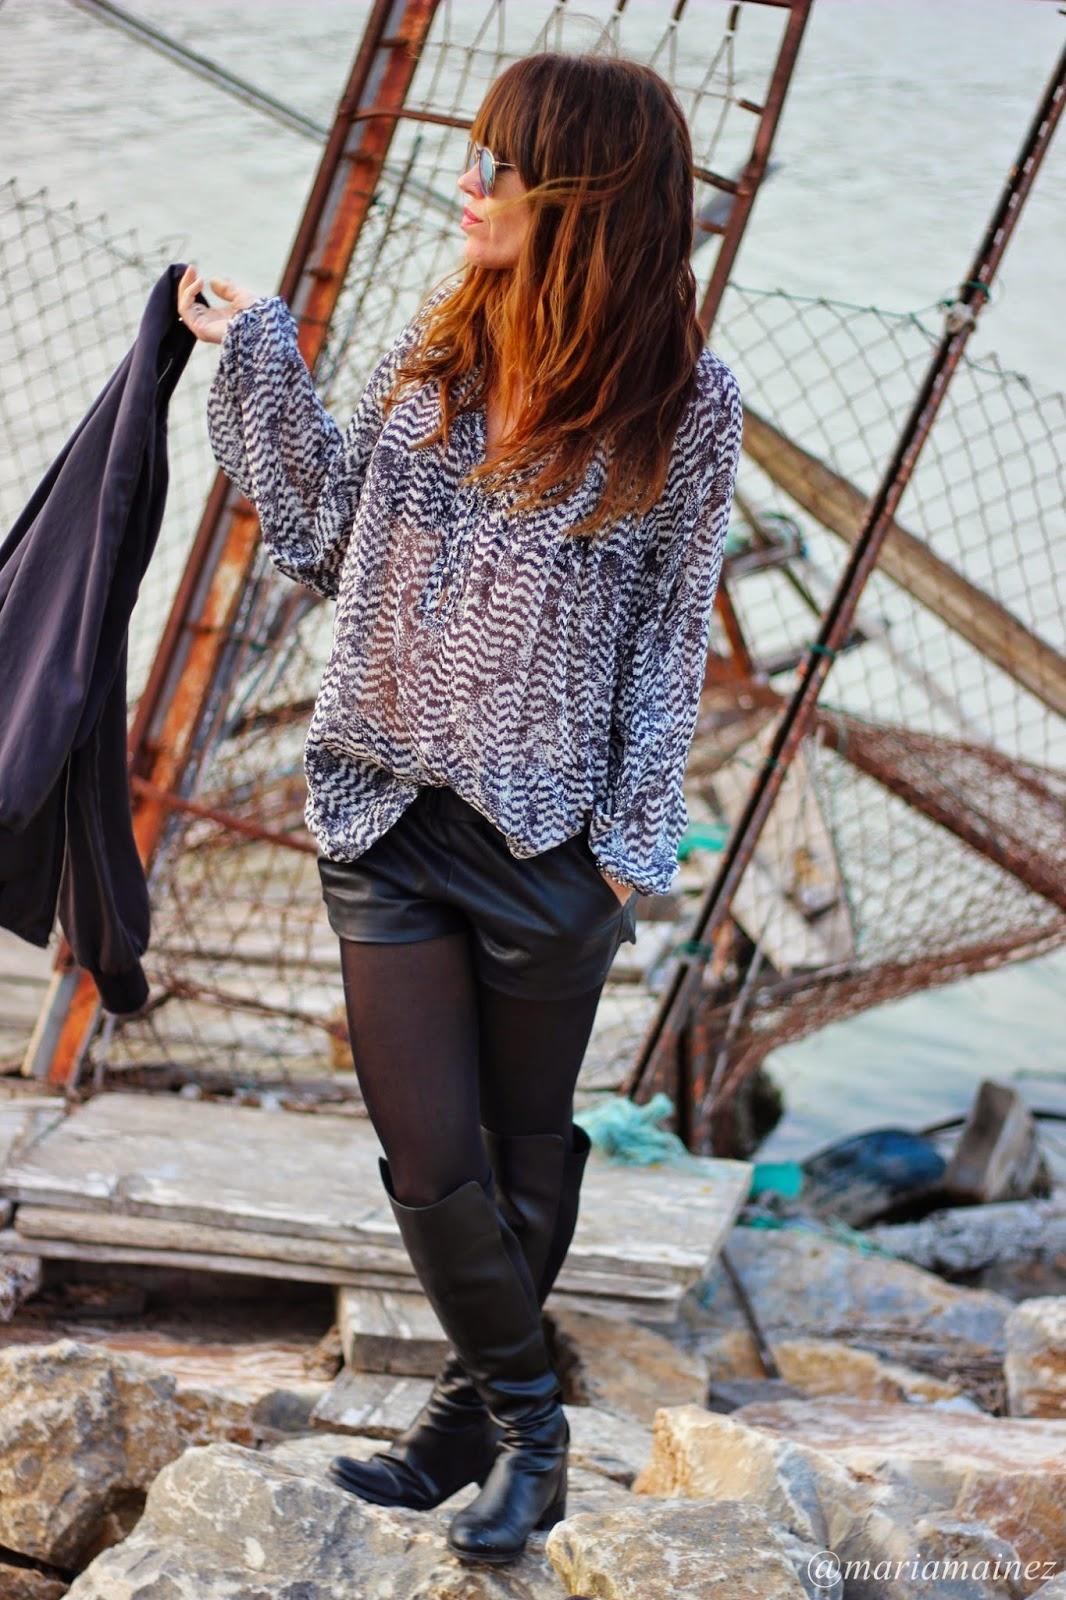 Streetstyle - Fashion blogger - Black&white - Bomber negra - Isabel Marant